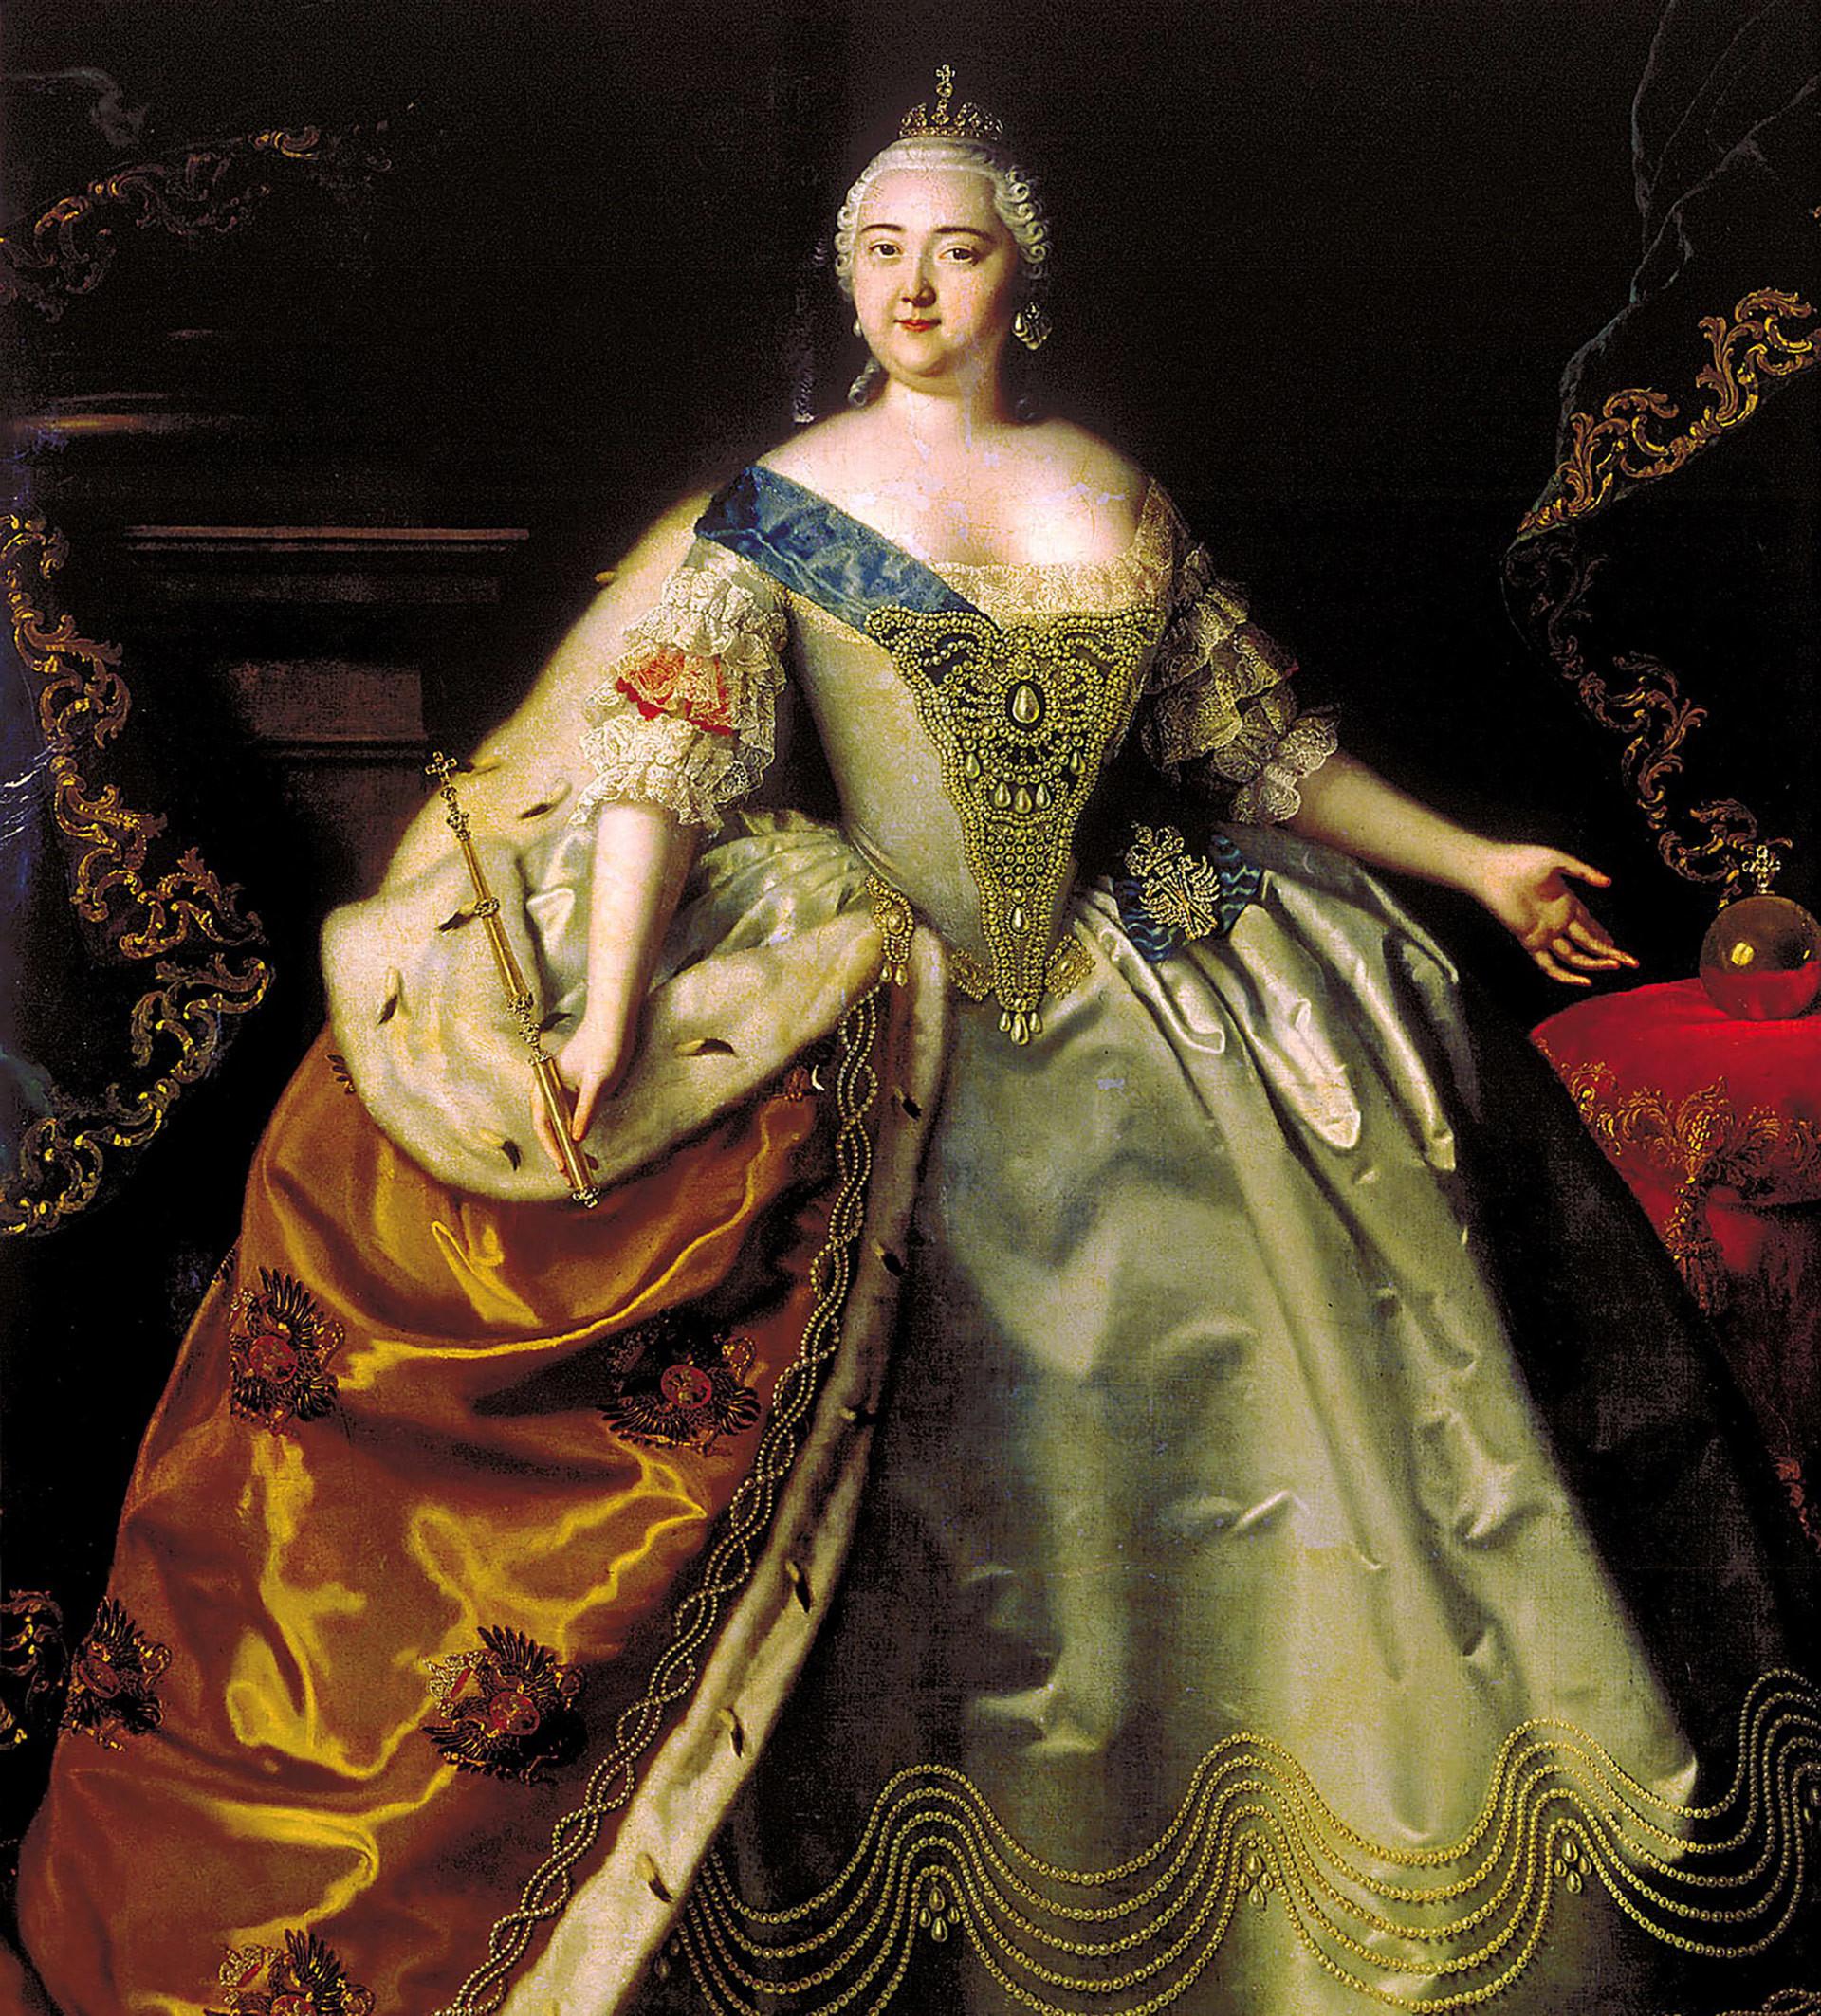 Potret Permaisuri Elizaveta I.